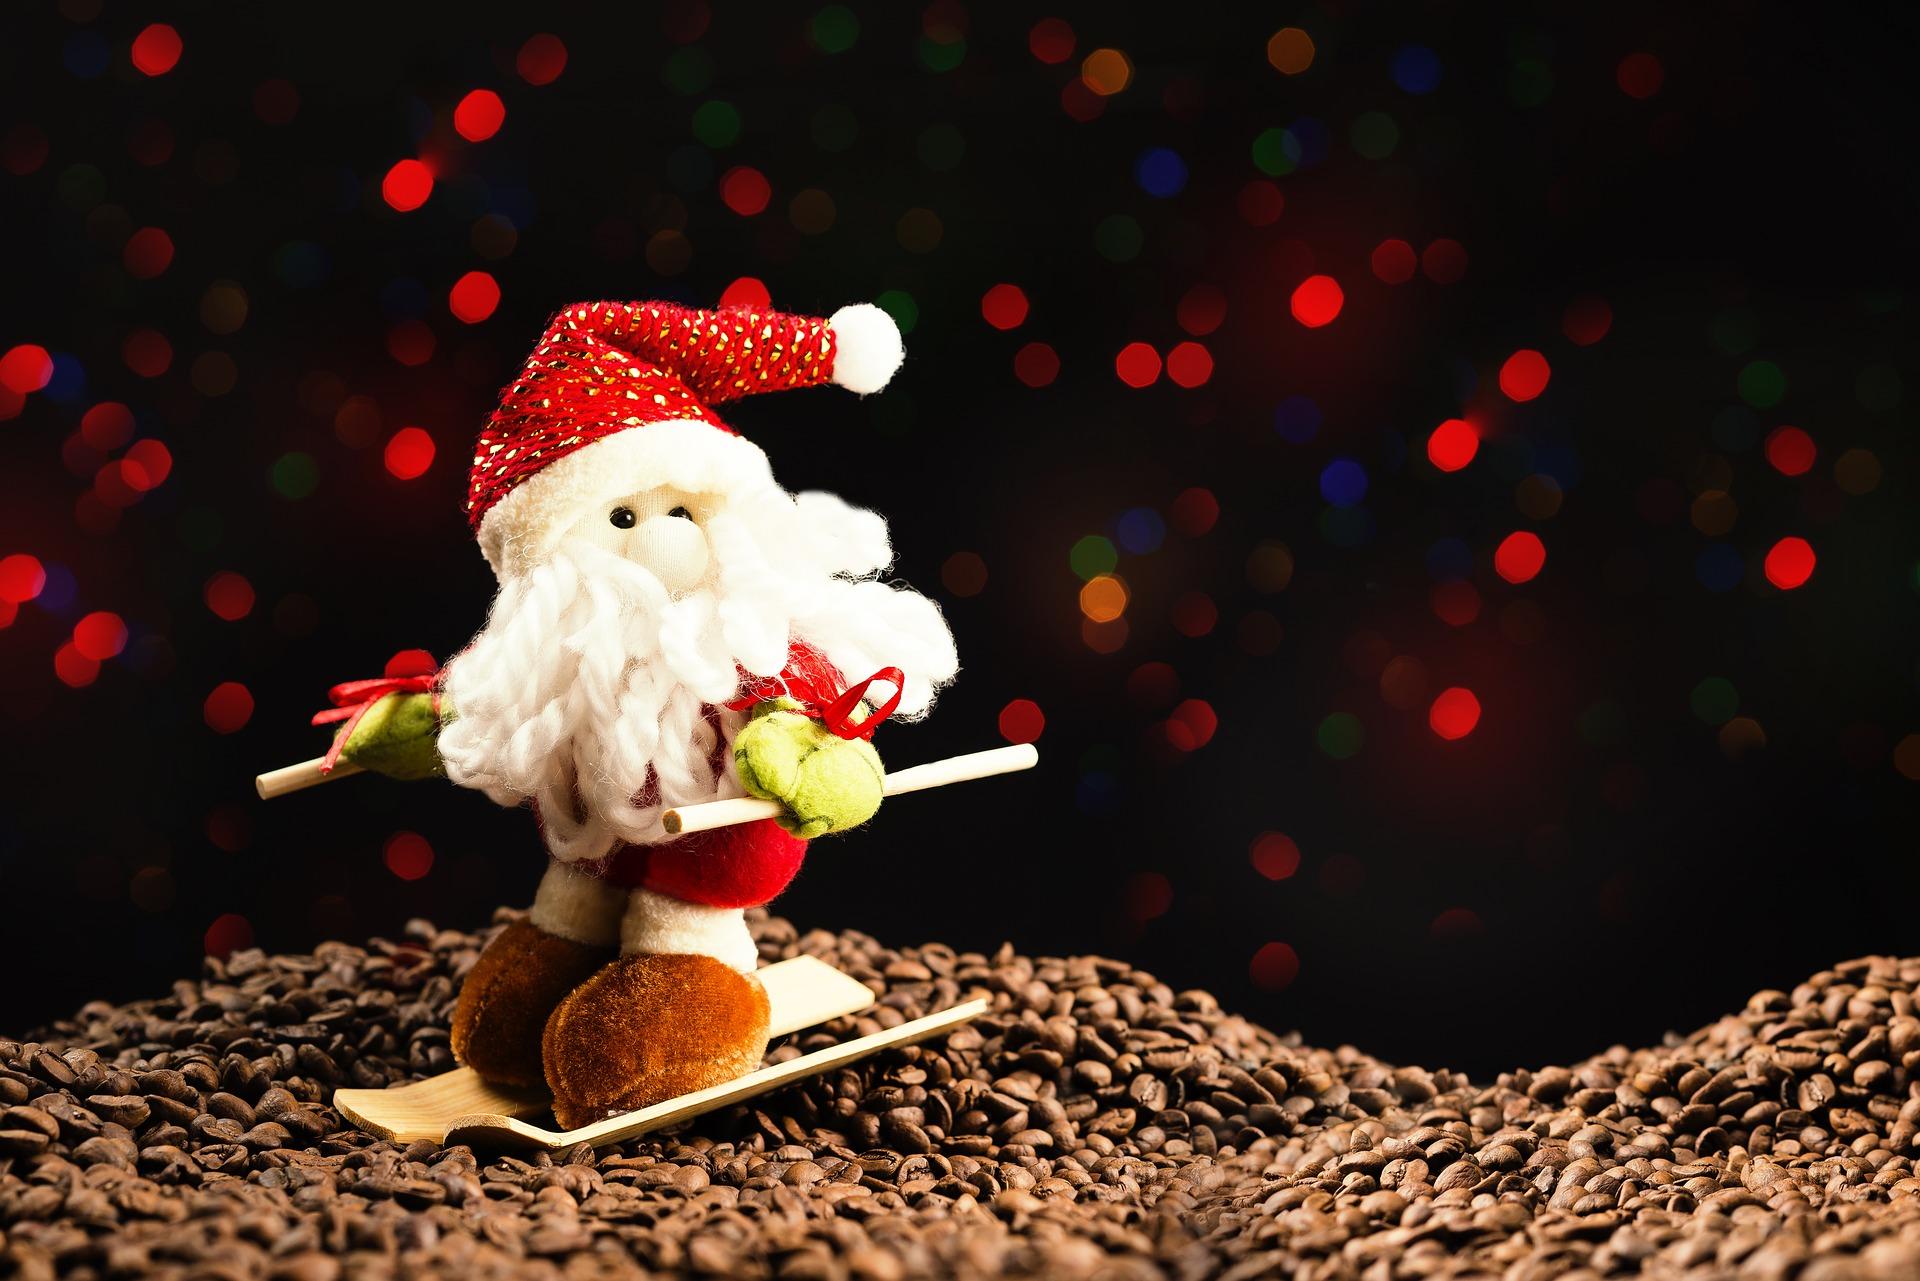 Fondos De Pantalla De Navidad: Los Mejores Fondos De Pantalla De Navidad Para Tu Móvil